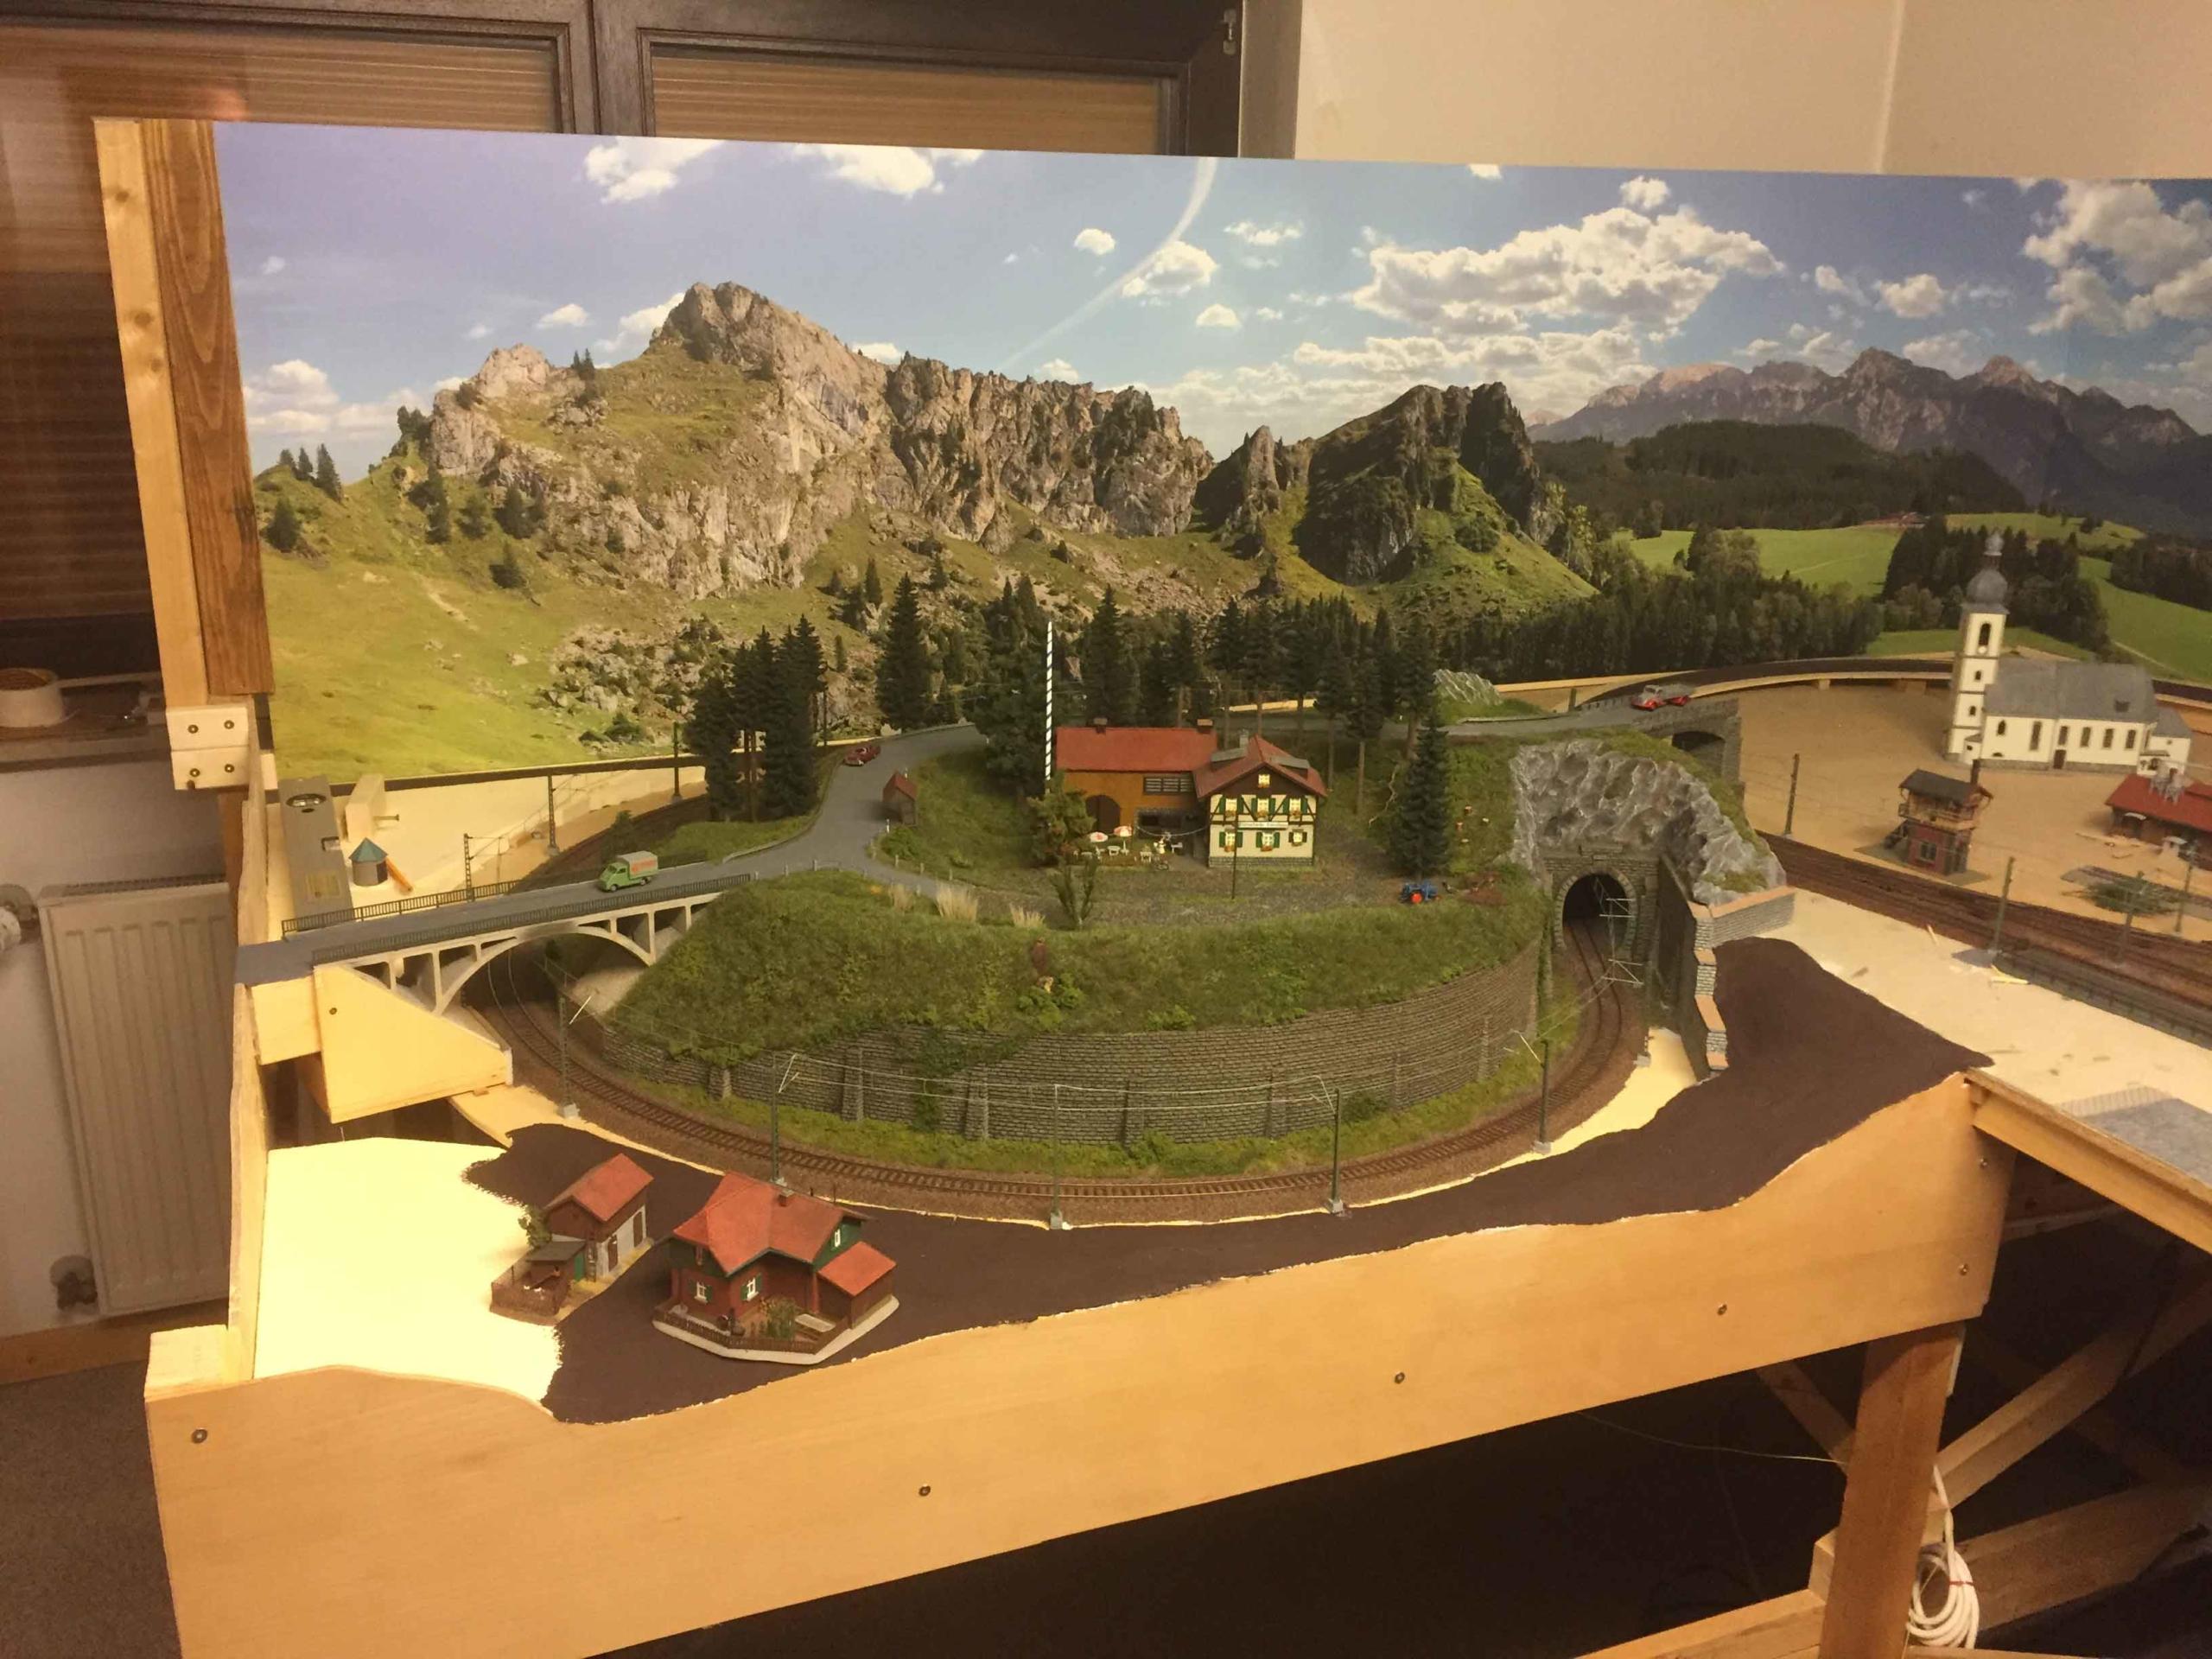 modellbahn-hintergrund-modellbahning_8 3